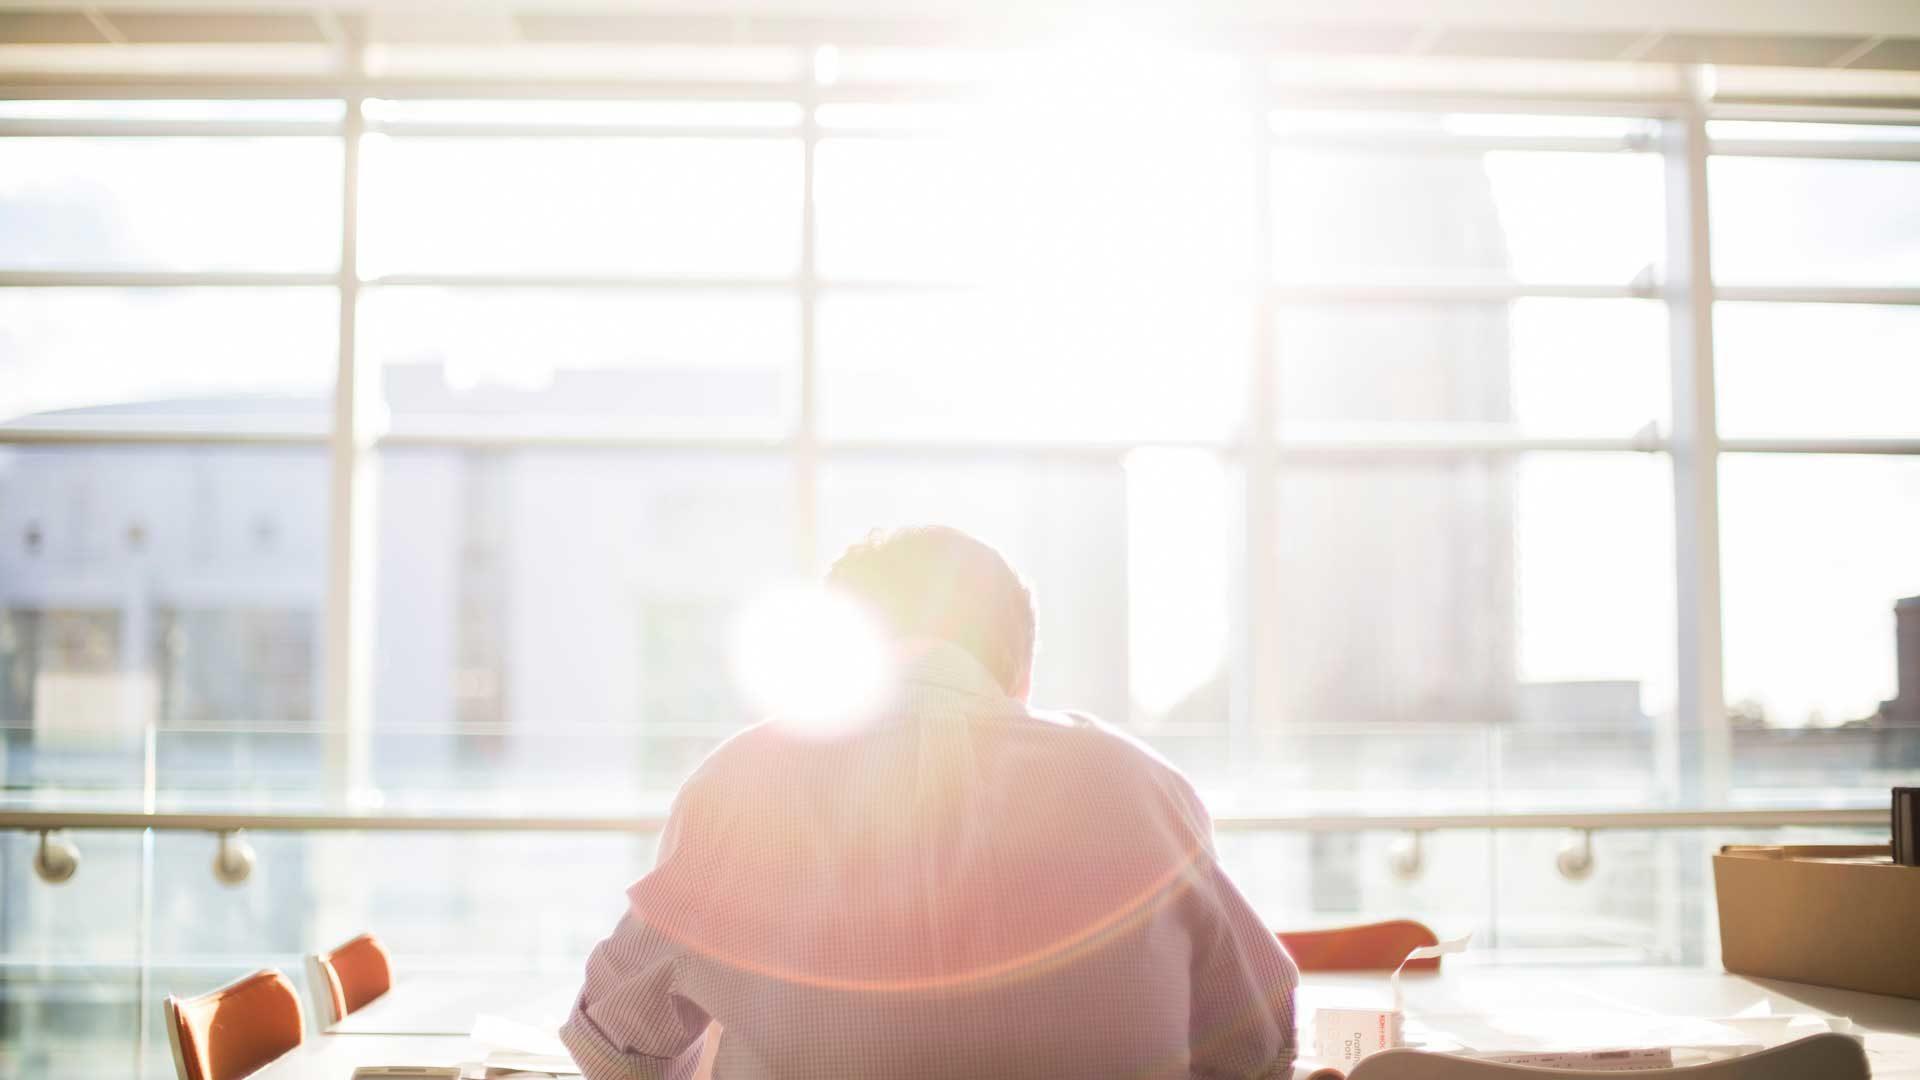 Migliora-il-microclima-in-ufficio-e-il-benessere-dei-lavoratori